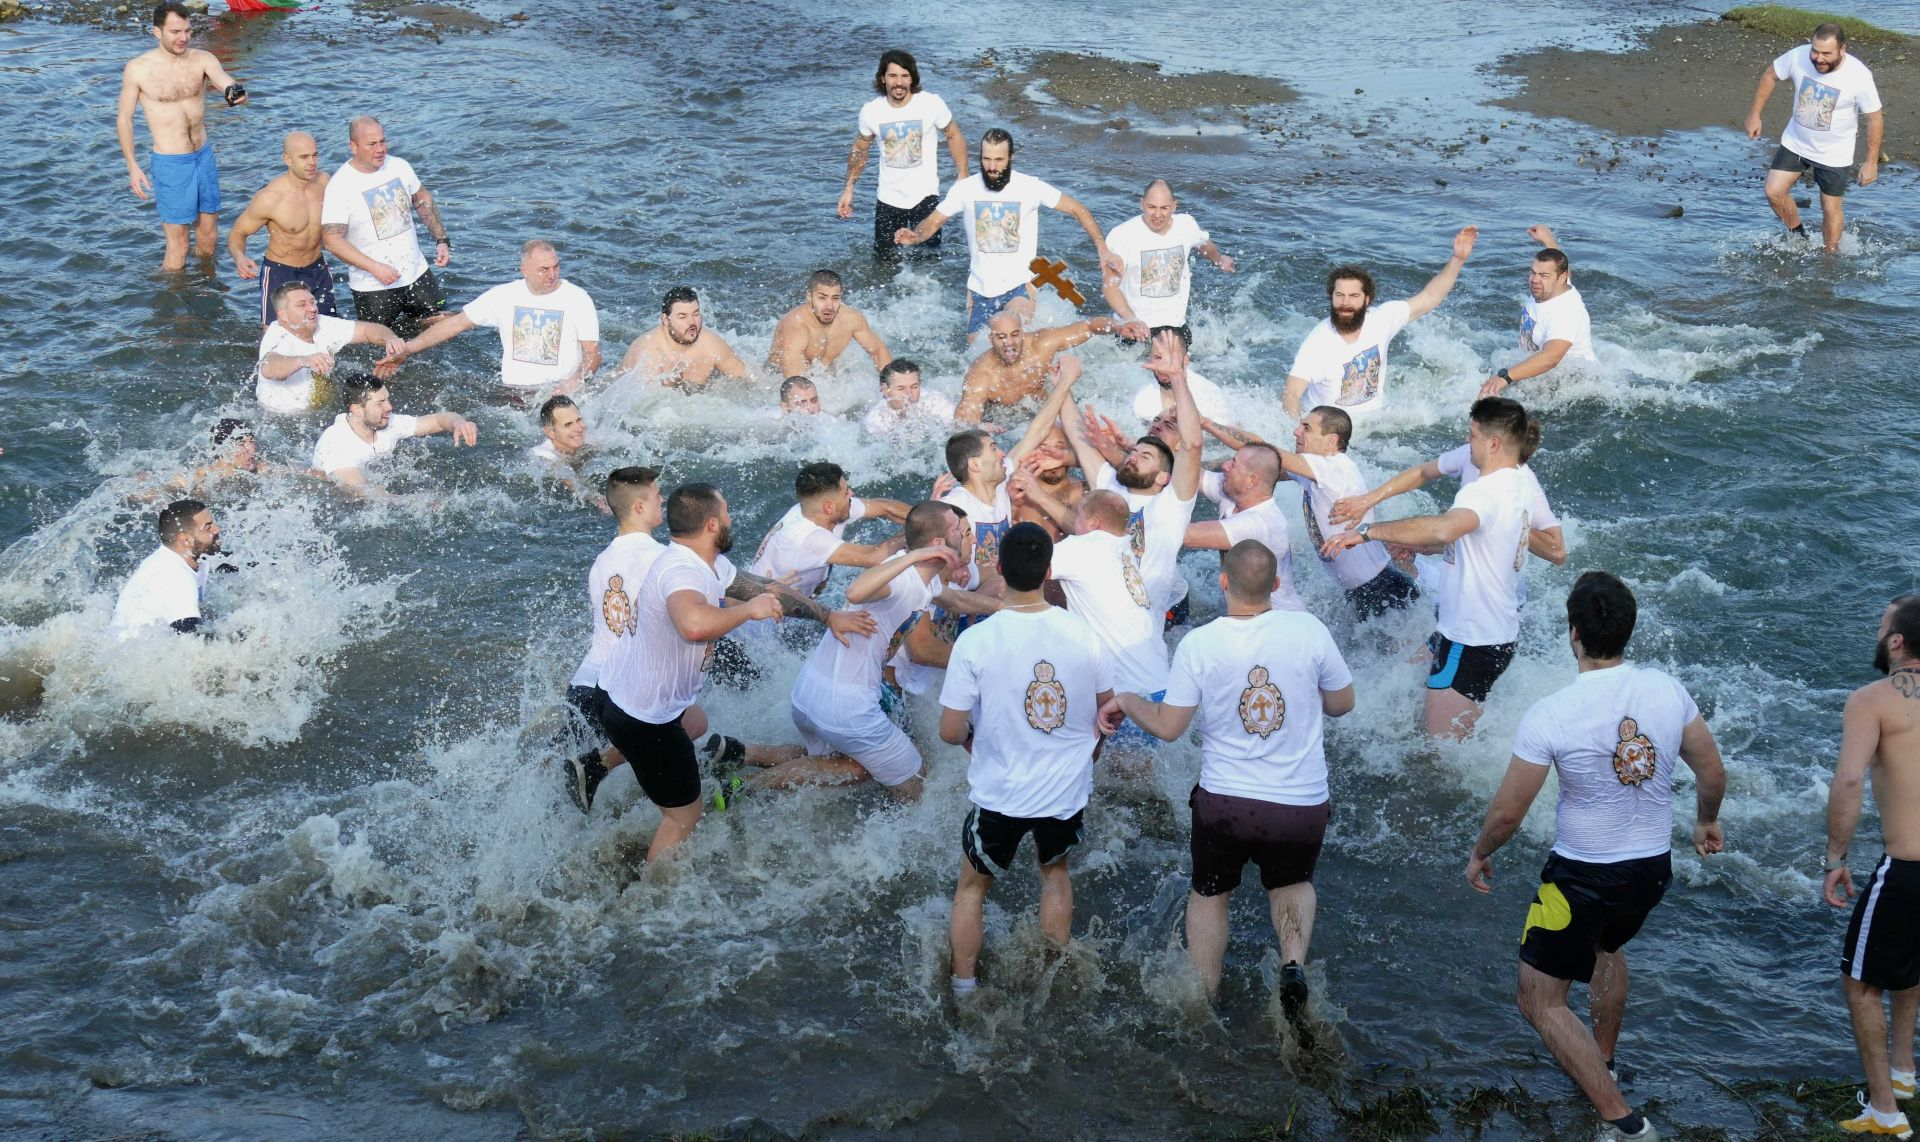 Над 50 мъже скочиха в река Марица в Пловдив за кръста по време на празника Йордановден (Богоявление)